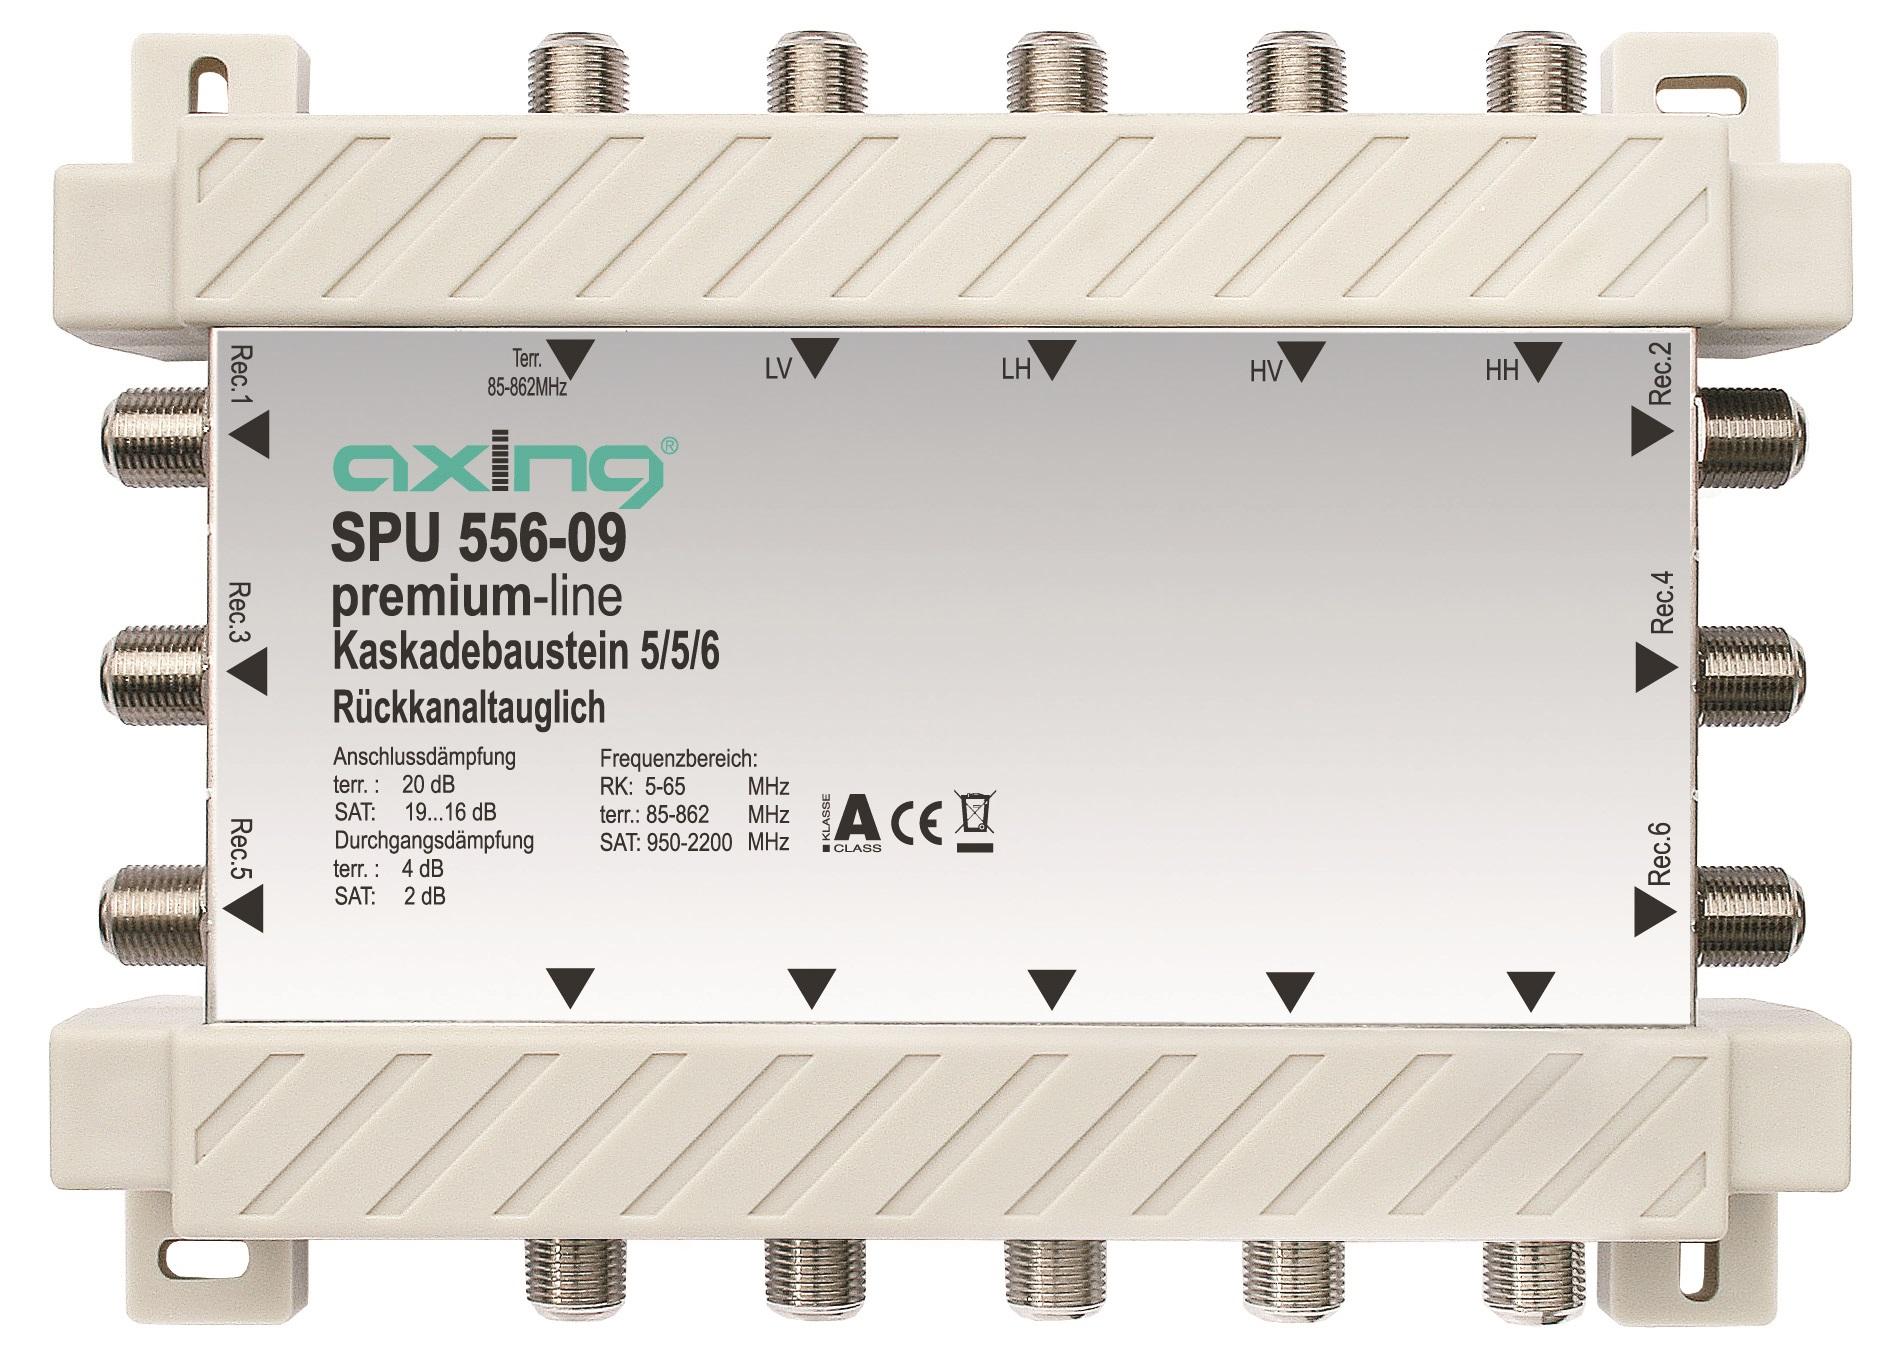 1 Stk SAT Kaskadierbaustein 5 in 6 passiv f. HSATS5xxKA,SPU 556-09 HSATSK506A